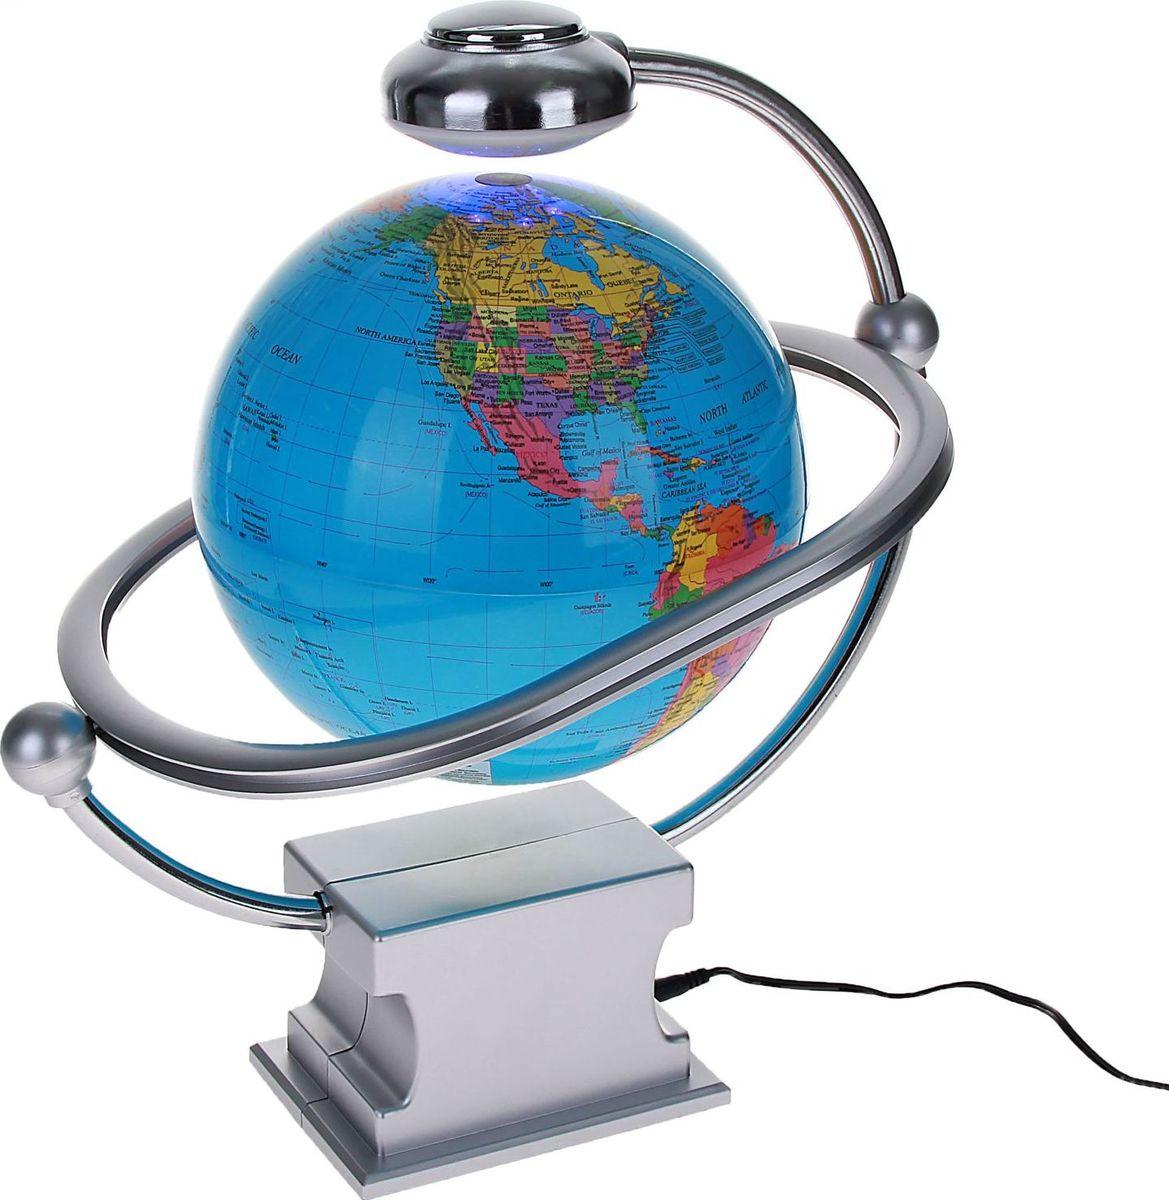 Глобус Политическая карта на английском языке цвет синий диаметр 20 см цвет синий536762Глобус сувенирный на магнитном поле, d=20 см, h=36 см, с подсветкой, политическая карта, английский язык, 220 В, синий — это украшение рабочего места и кладезь полезной информации о Земле. С его помощью вы увидите полет планеты в миниатюре. Этот гаджет имеет еще несколько названий: антигравитационный, левитирующий или левитрон. Раскроем секрет этого чуда. В базу встроен электромагнит, а в шар — магнит с противоположным зарядом. В результате сфера зависает в воздухе и вращается вокруг своей оси. Особенности антигравитационного глобуса Поворачивайте шар, пока он парит в воздухе. Это снимает нервное напряжение и помогает отвлечься от рутинной работы. Оригинальная задумка станет вашим источником вдохновения во время умственного процесса.